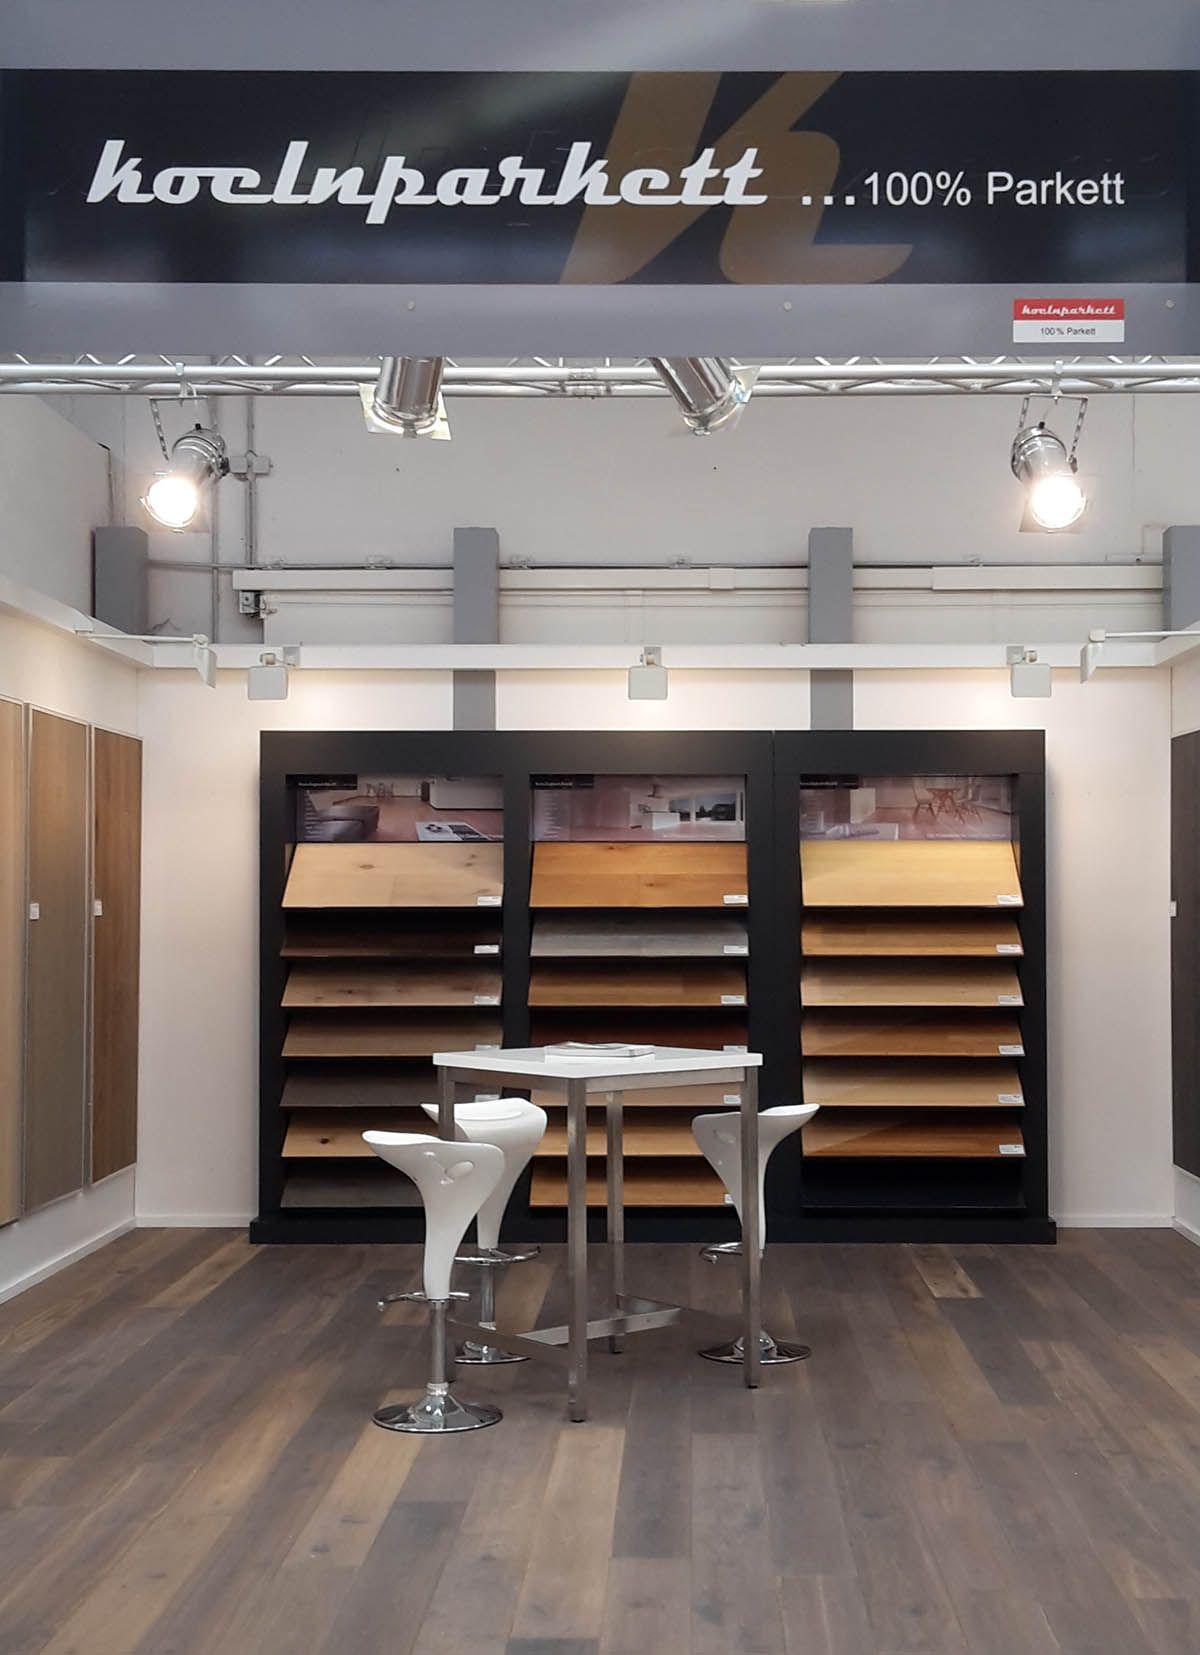 Unser koelnparkett Studio hält viele Echt-Holz-Landhausdielen für ...